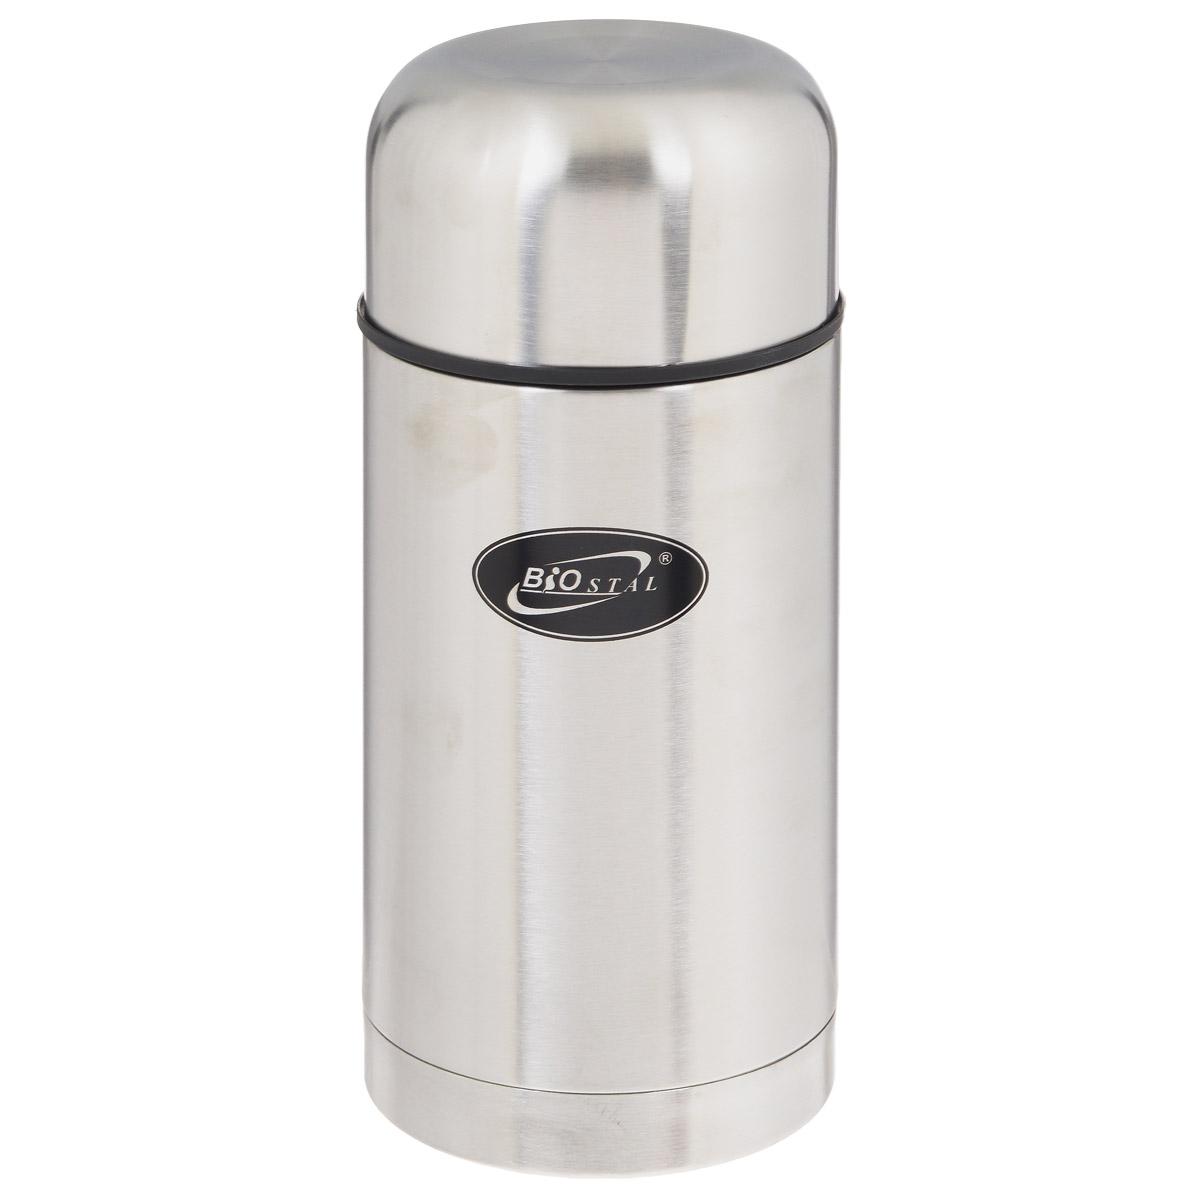 Термос BIOSTAL, в чехле, 1 л. NT-1000NT-1000Пищевой термос с широким горлом BIOSTAL, изготовленный из высококачественной нержавеющей стали, относится к классической серии. Термосы этой серии, являющейся лидером продаж, просты в использовании, экономичны и многофункциональны. Термос с широким горлом предназначен для хранения горячей и холодной пищи, замороженных продуктов, мороженного, фруктов и льда и укомплектован пробкой с клапаном. Такая пробка обладает дополнительной теплоизоляцией и позволяет термосу дольше хранить тепло, а клапан облегчает его открытие.Изделие также оснащено крышкой-чашкой и текстильным чехлом для хранения и переноски термоса. Легкий и прочный термос BIOSTAL сохранит ваши напитки горячими или холодными надолго.